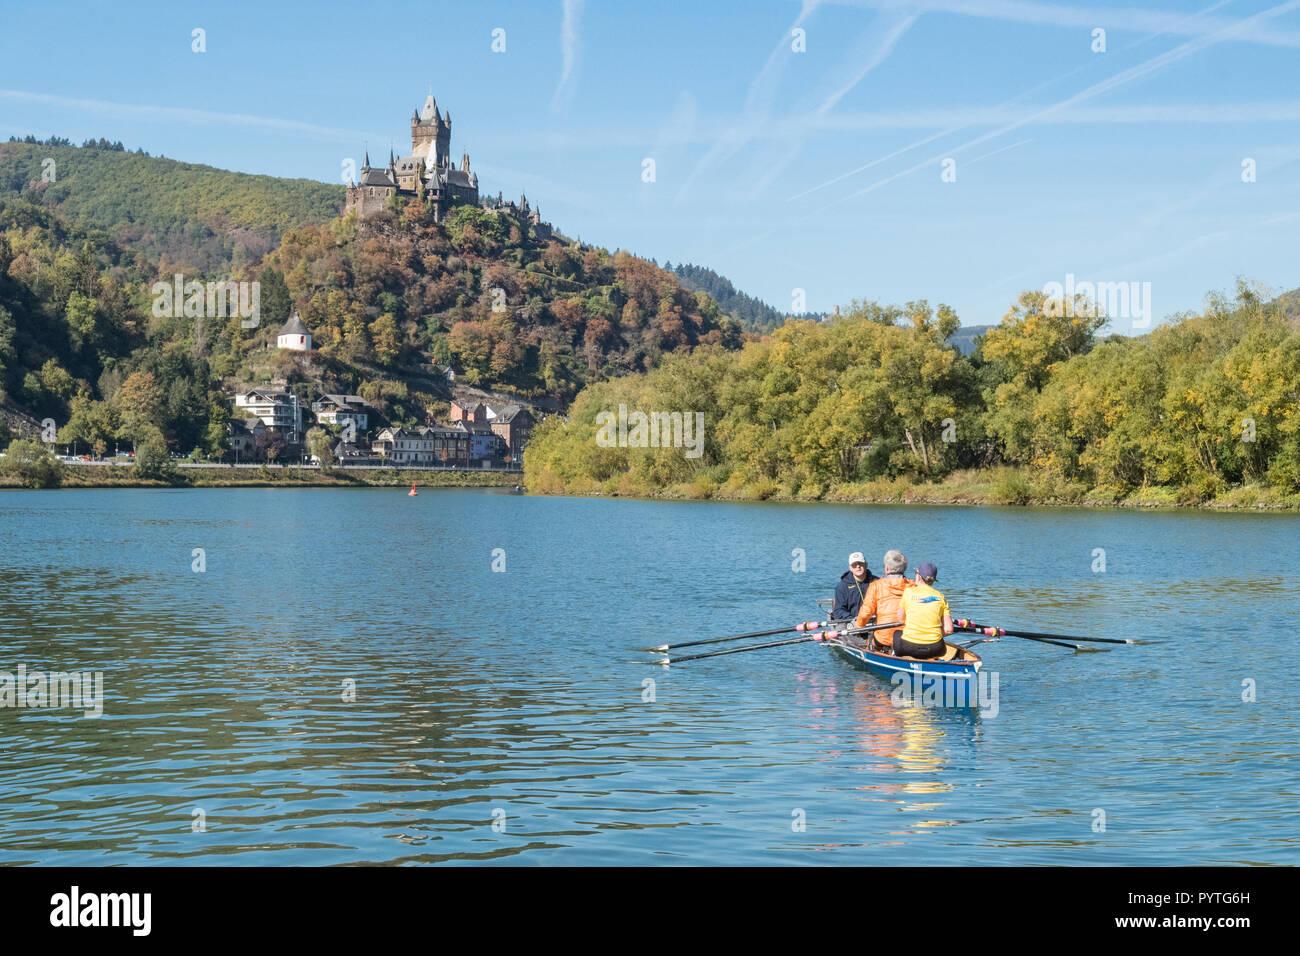 Cochem, Cochem-Zell, hineland-Palatinato, Germania - in canoa sul fiume Moselle Immagini Stock